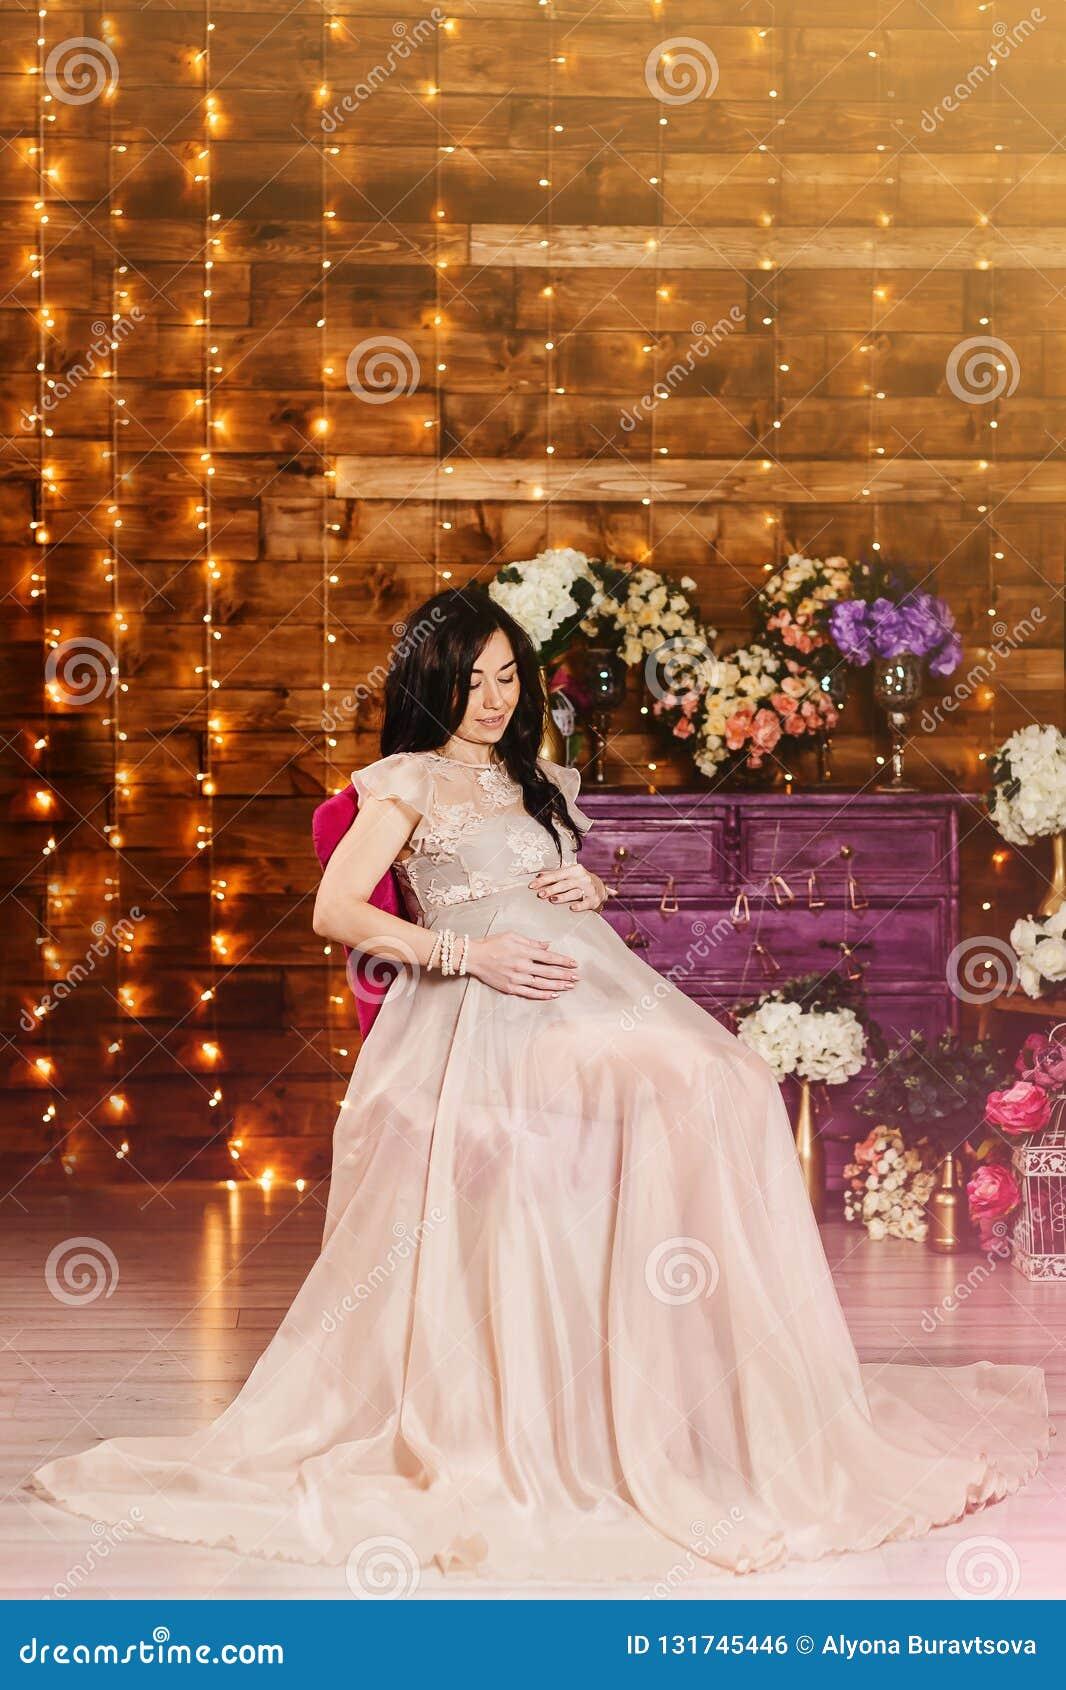 Μια έγκυος γυναίκα σε μια όμορφη μακριά εσθήτα στο στούντιο